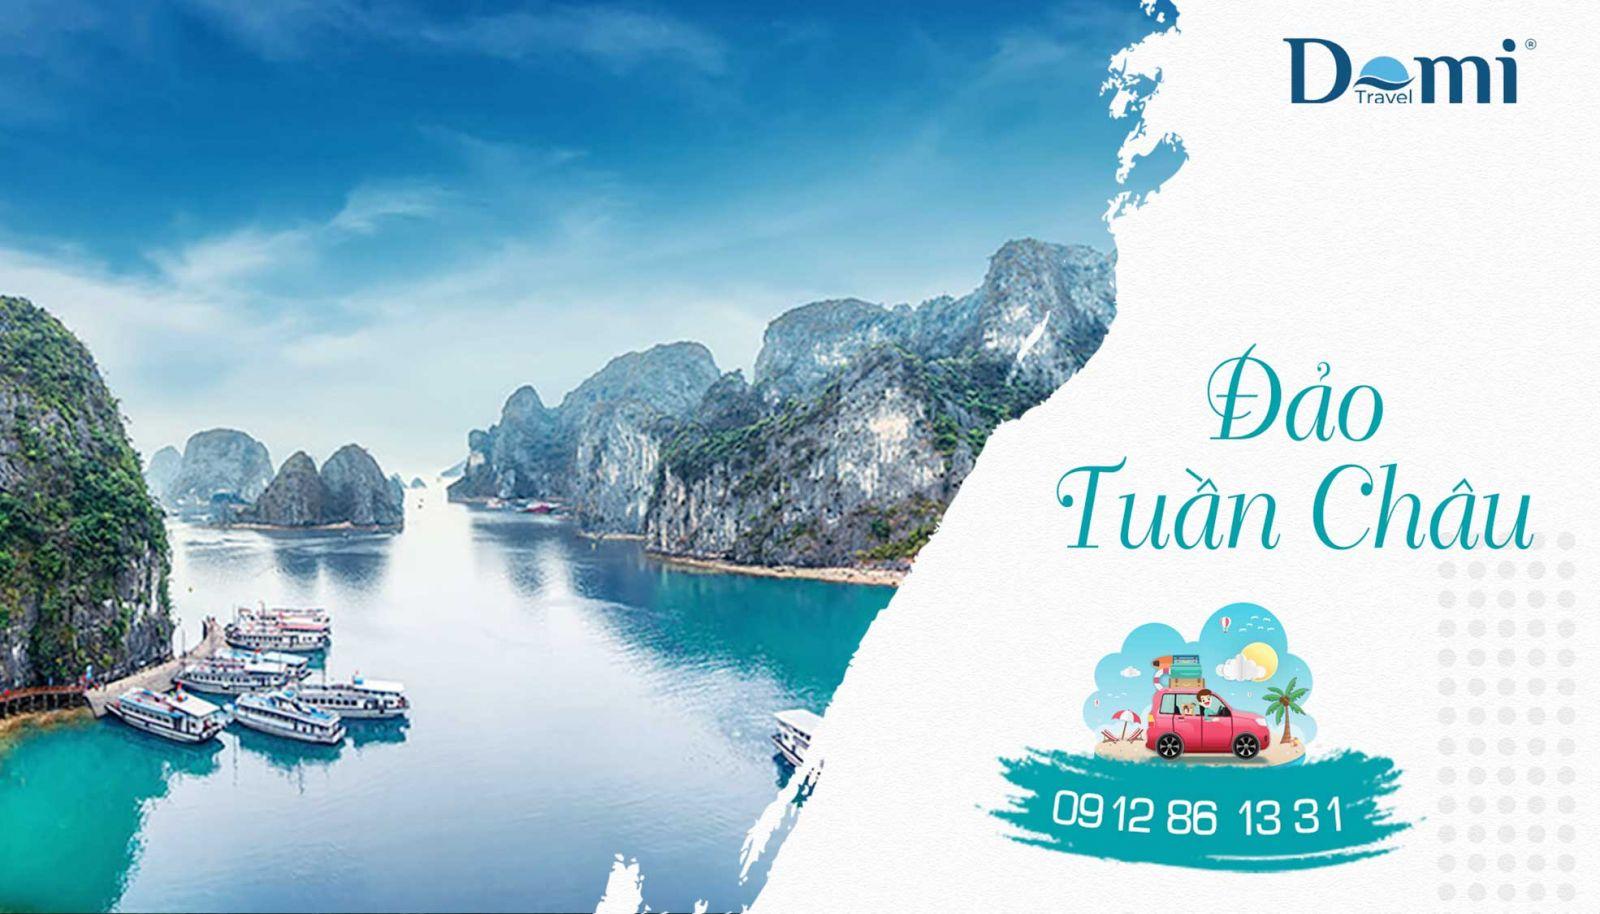 Đảo Tuần Châu – Viên Ngọc của Vịnh Hạ Long